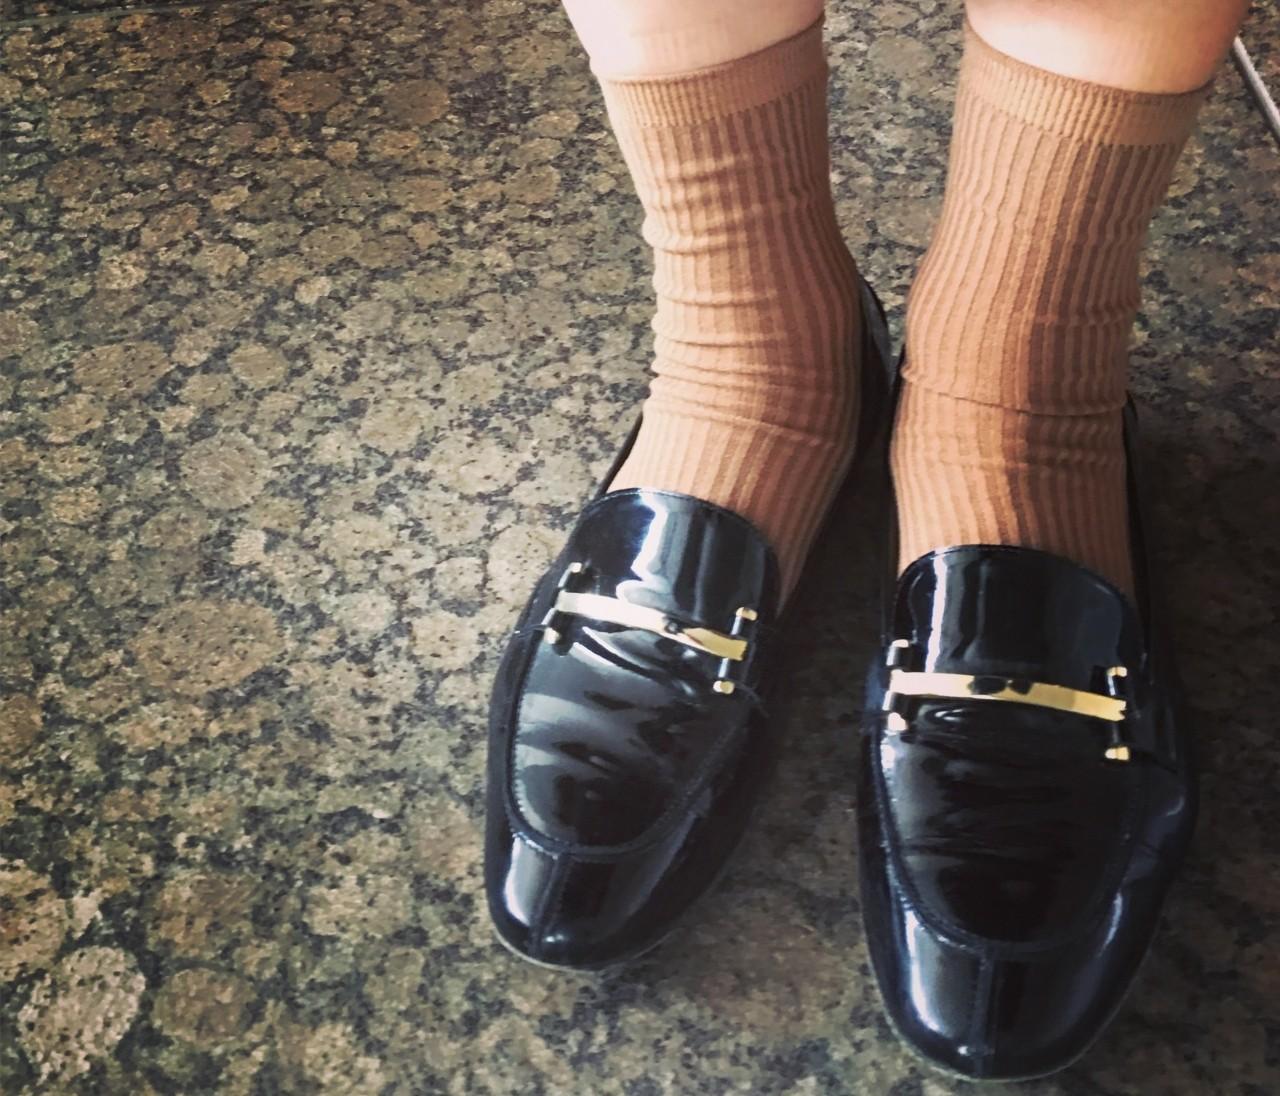 付録のソックスを手持ちの靴にとことん合わせてみたら…。